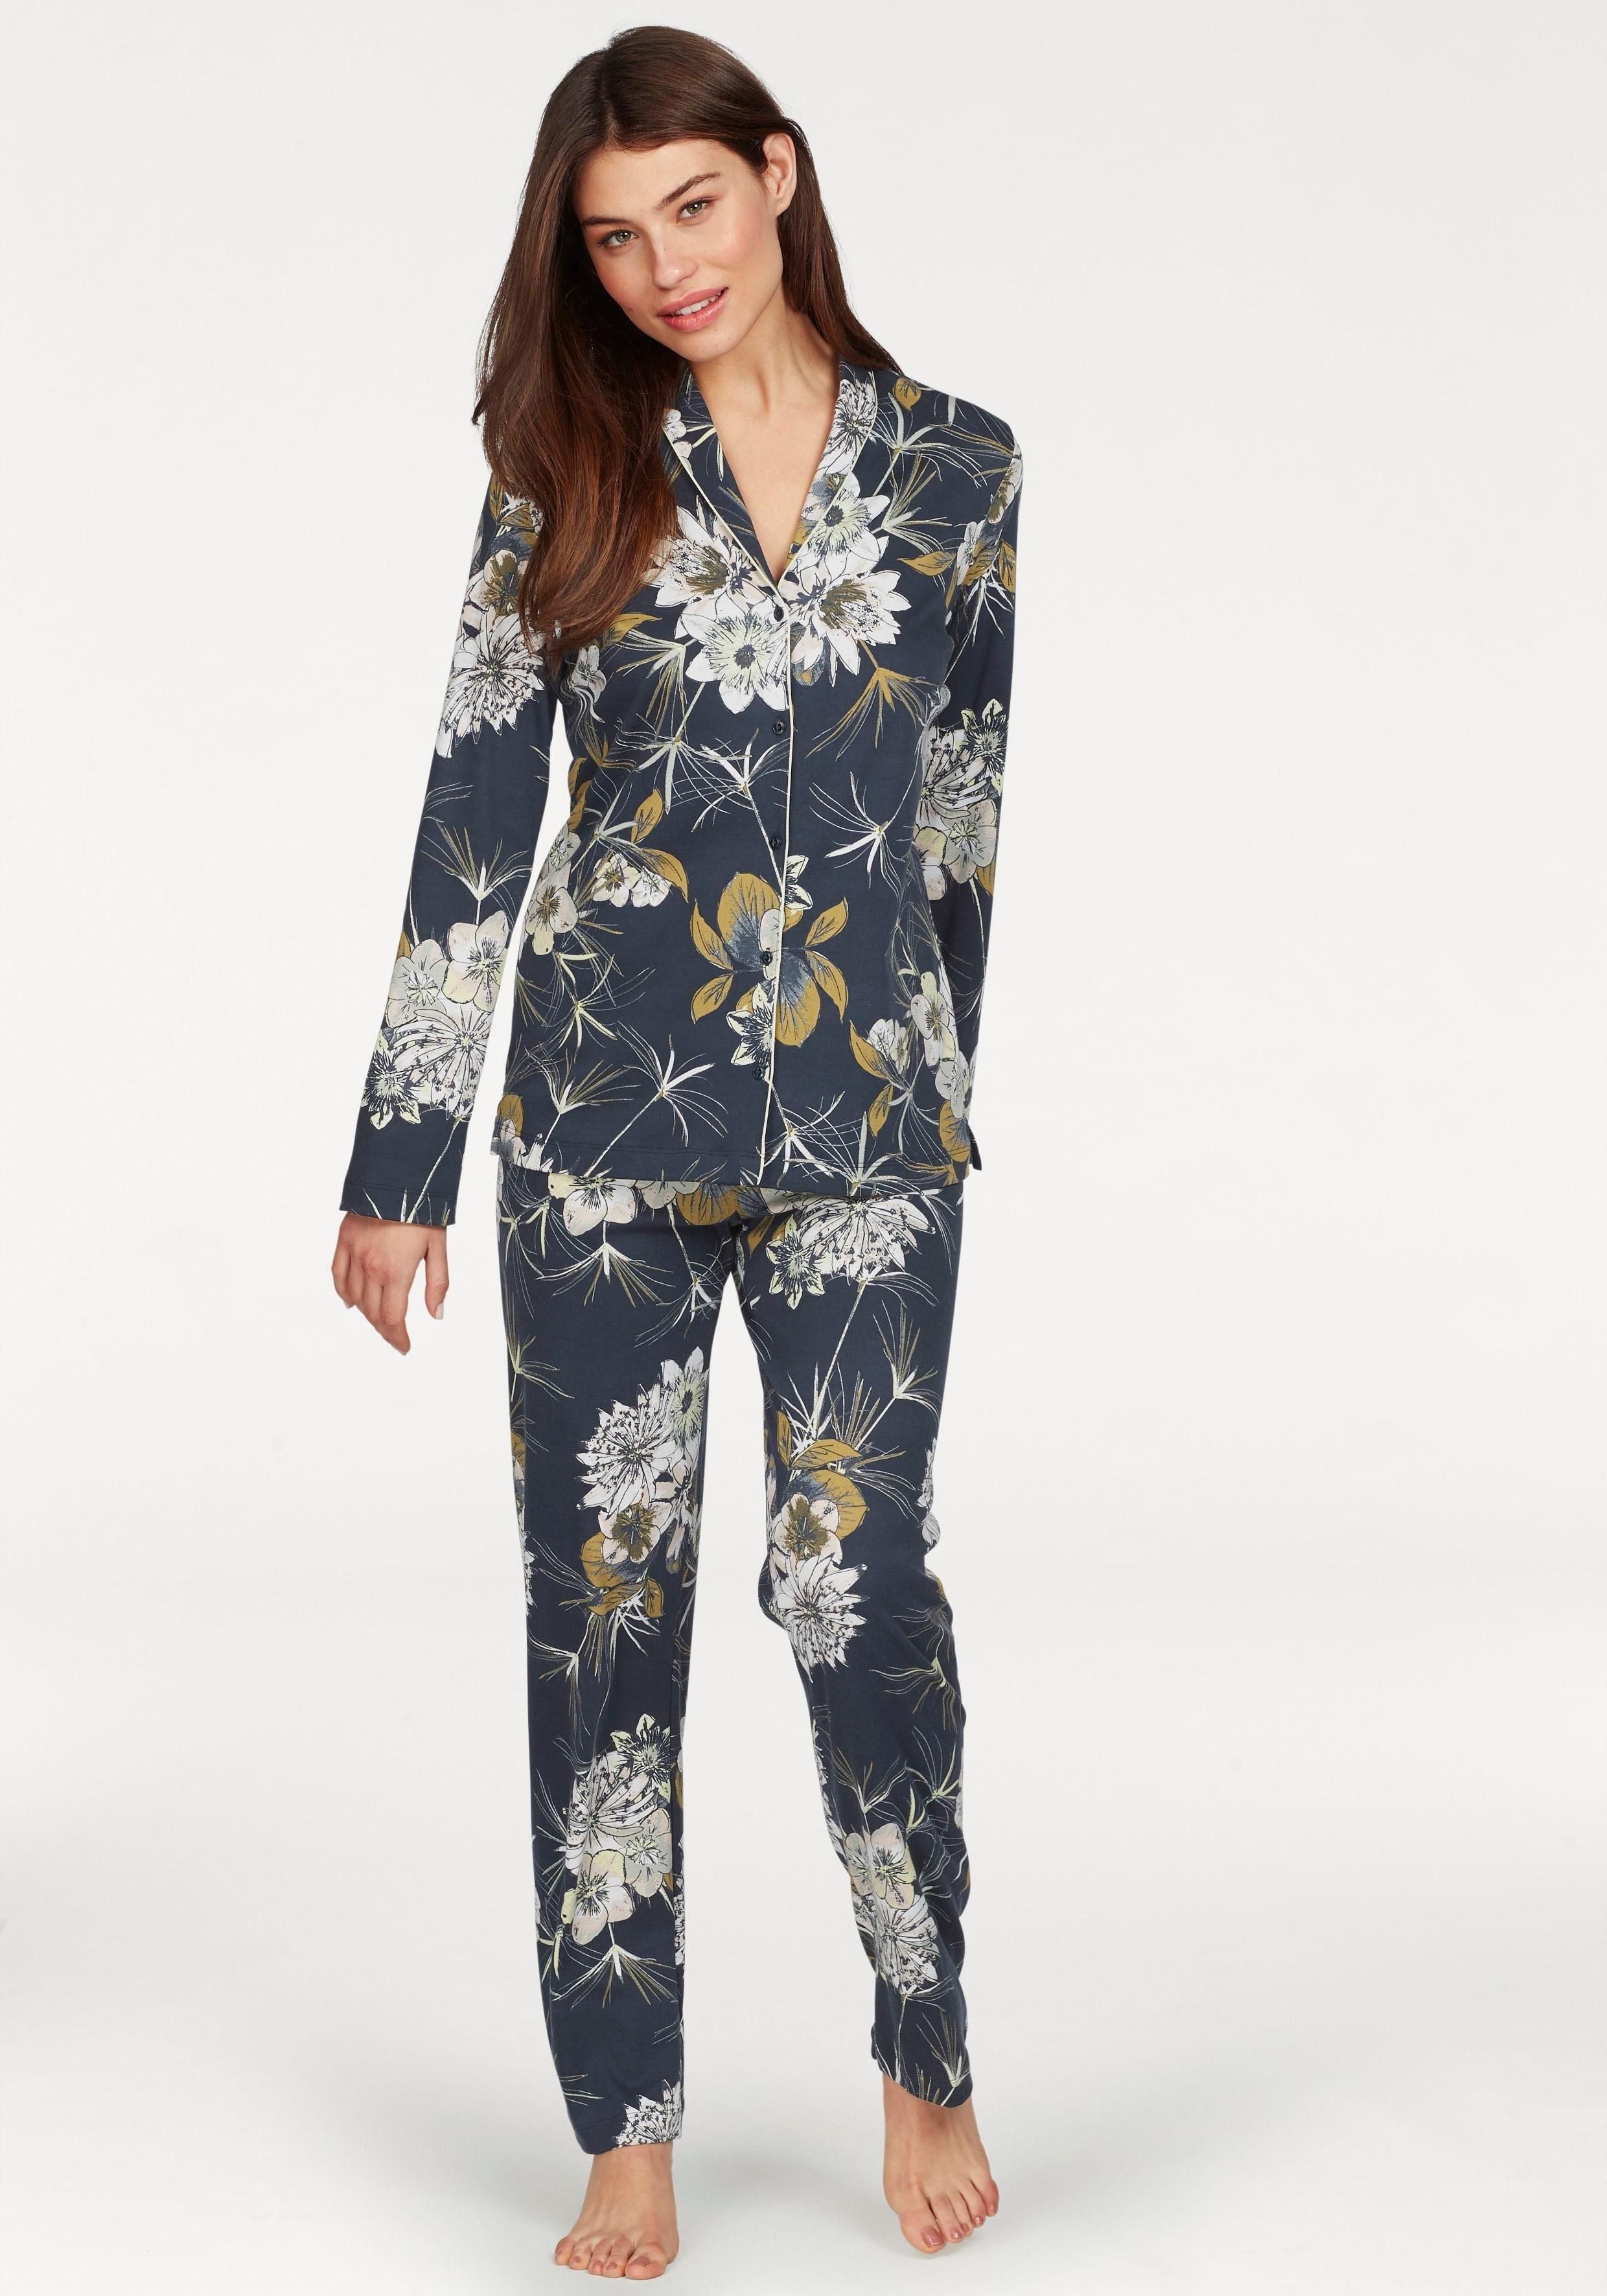 Calida pyjama in klassiek model met bloemenprint nu online bestellen